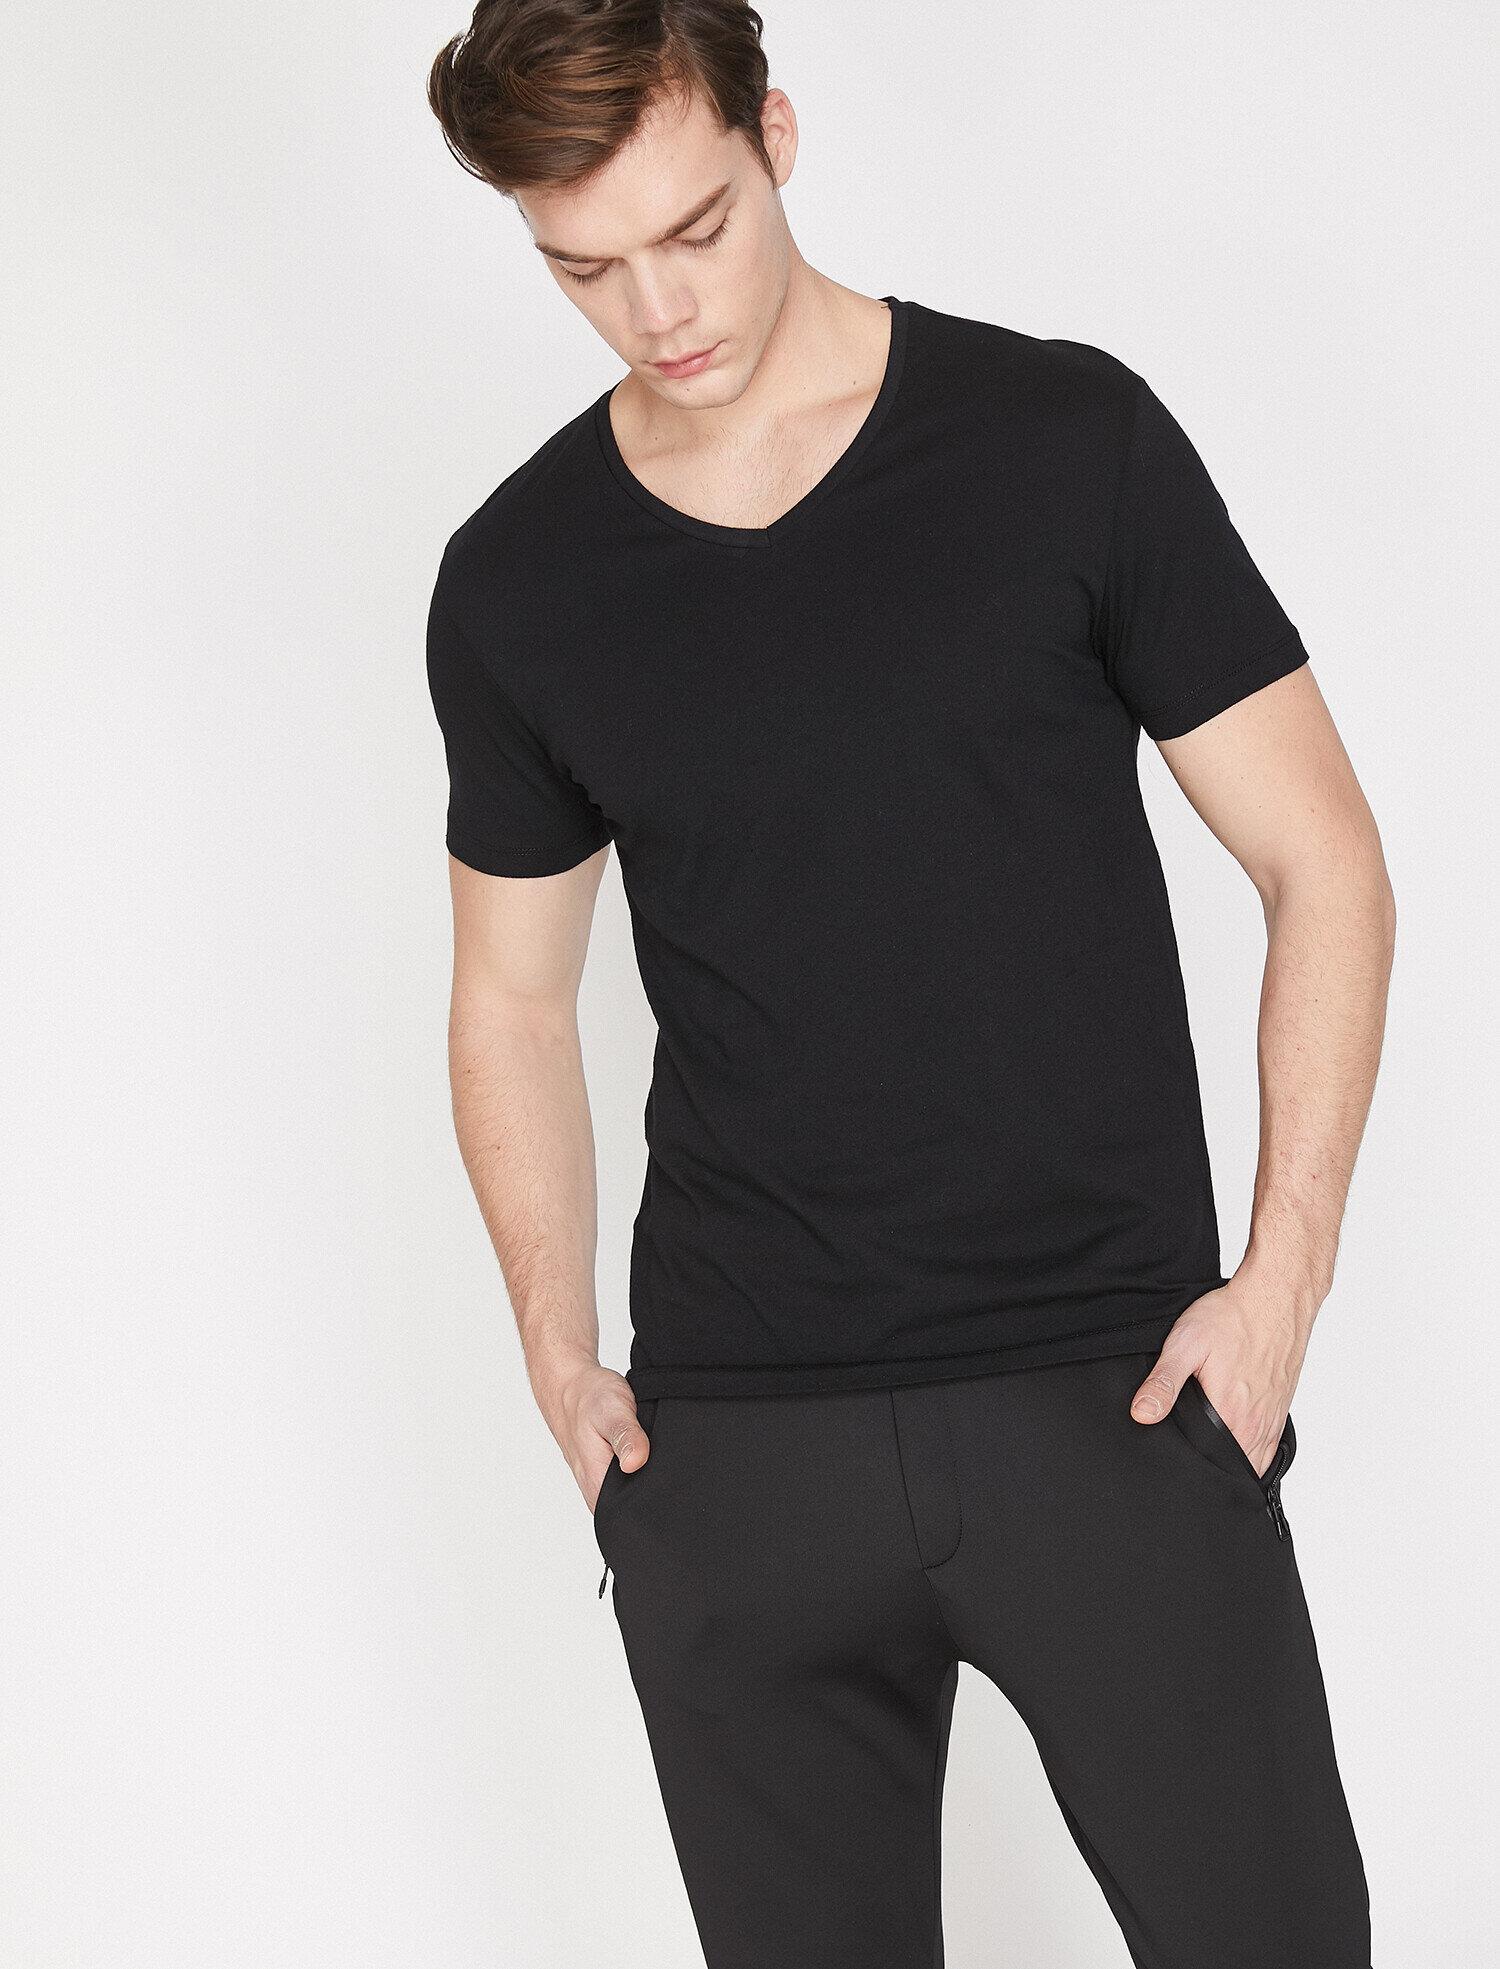 Koton Erkek V Yaka T-Shirt Siyah Ürün Resmi